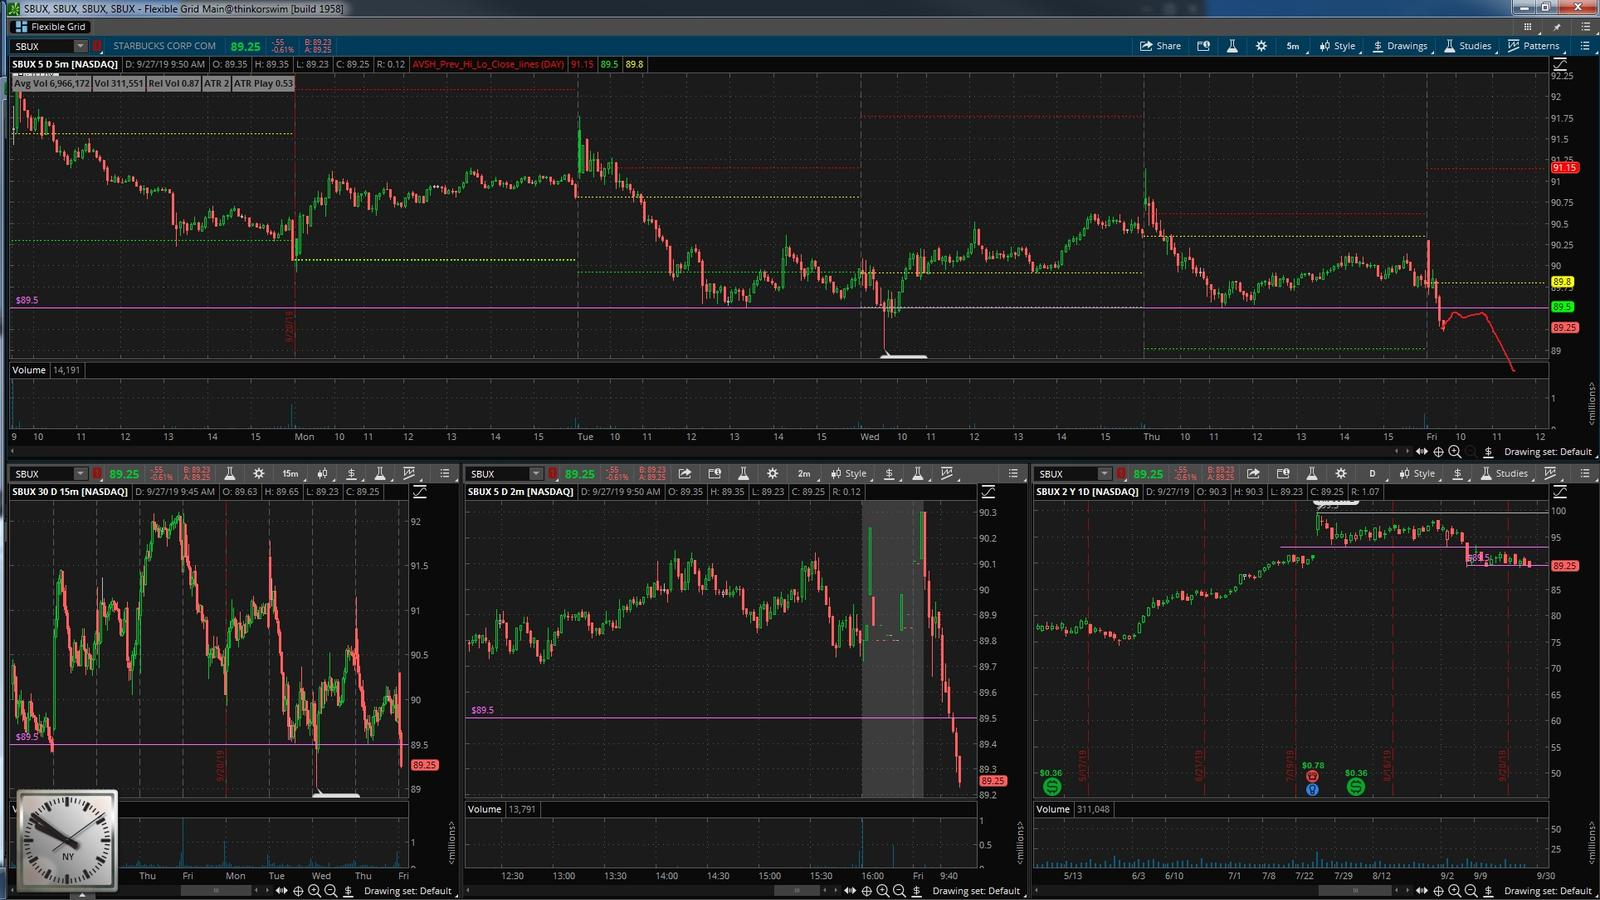 SBUX акция на фондовой бирже